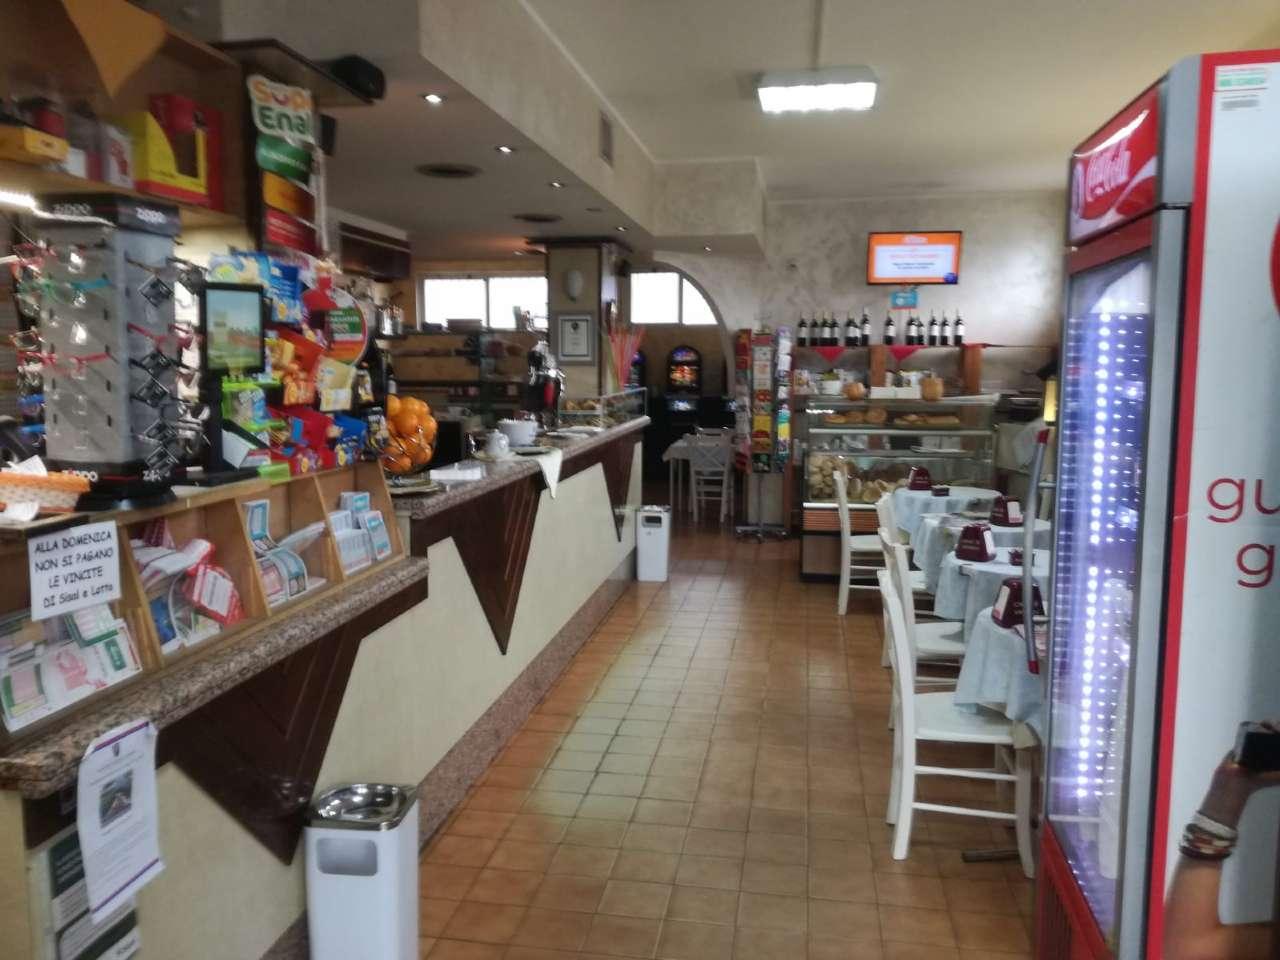 Tabacchi / Ricevitoria in vendita a Settimo Milanese, 2 locali, Trattative riservate | PortaleAgenzieImmobiliari.it